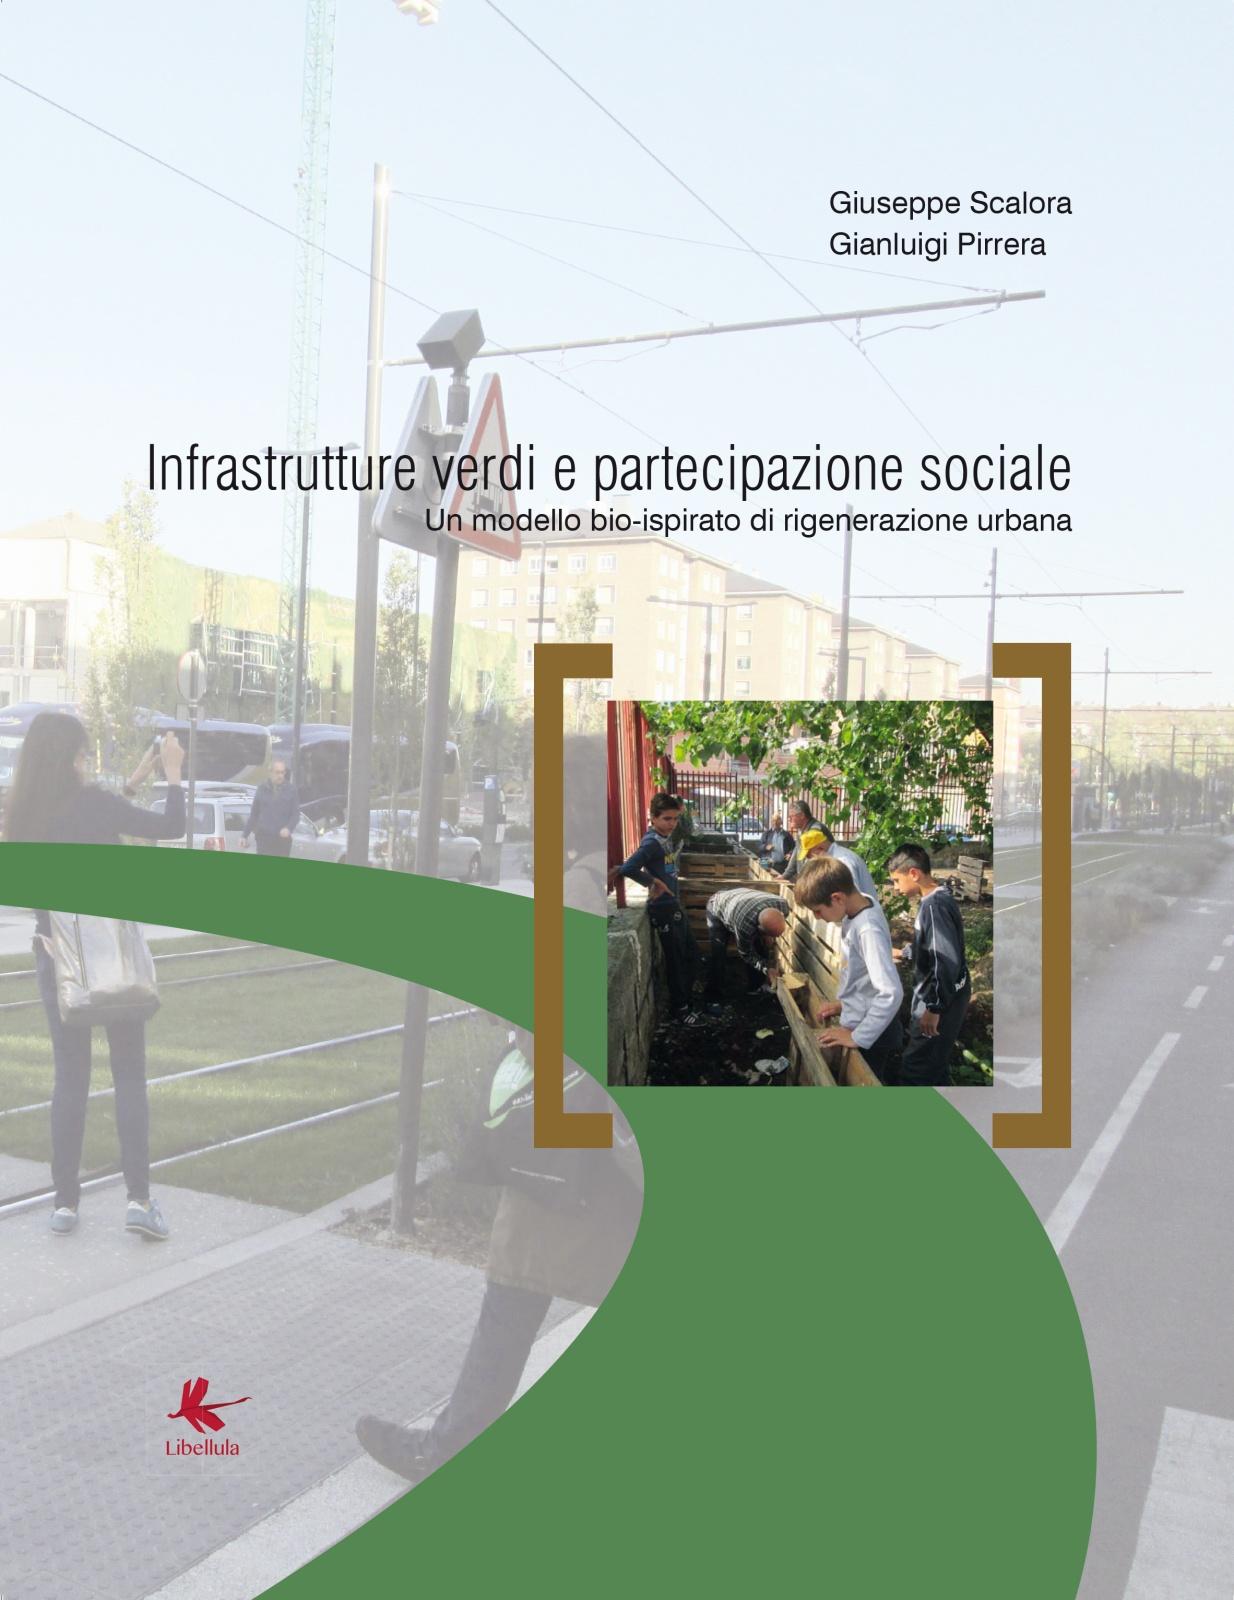 2016 - Infrastrutture verdi e partecipazione sociale.<br> Un modello bio-ispirato di rigenerazione urbana